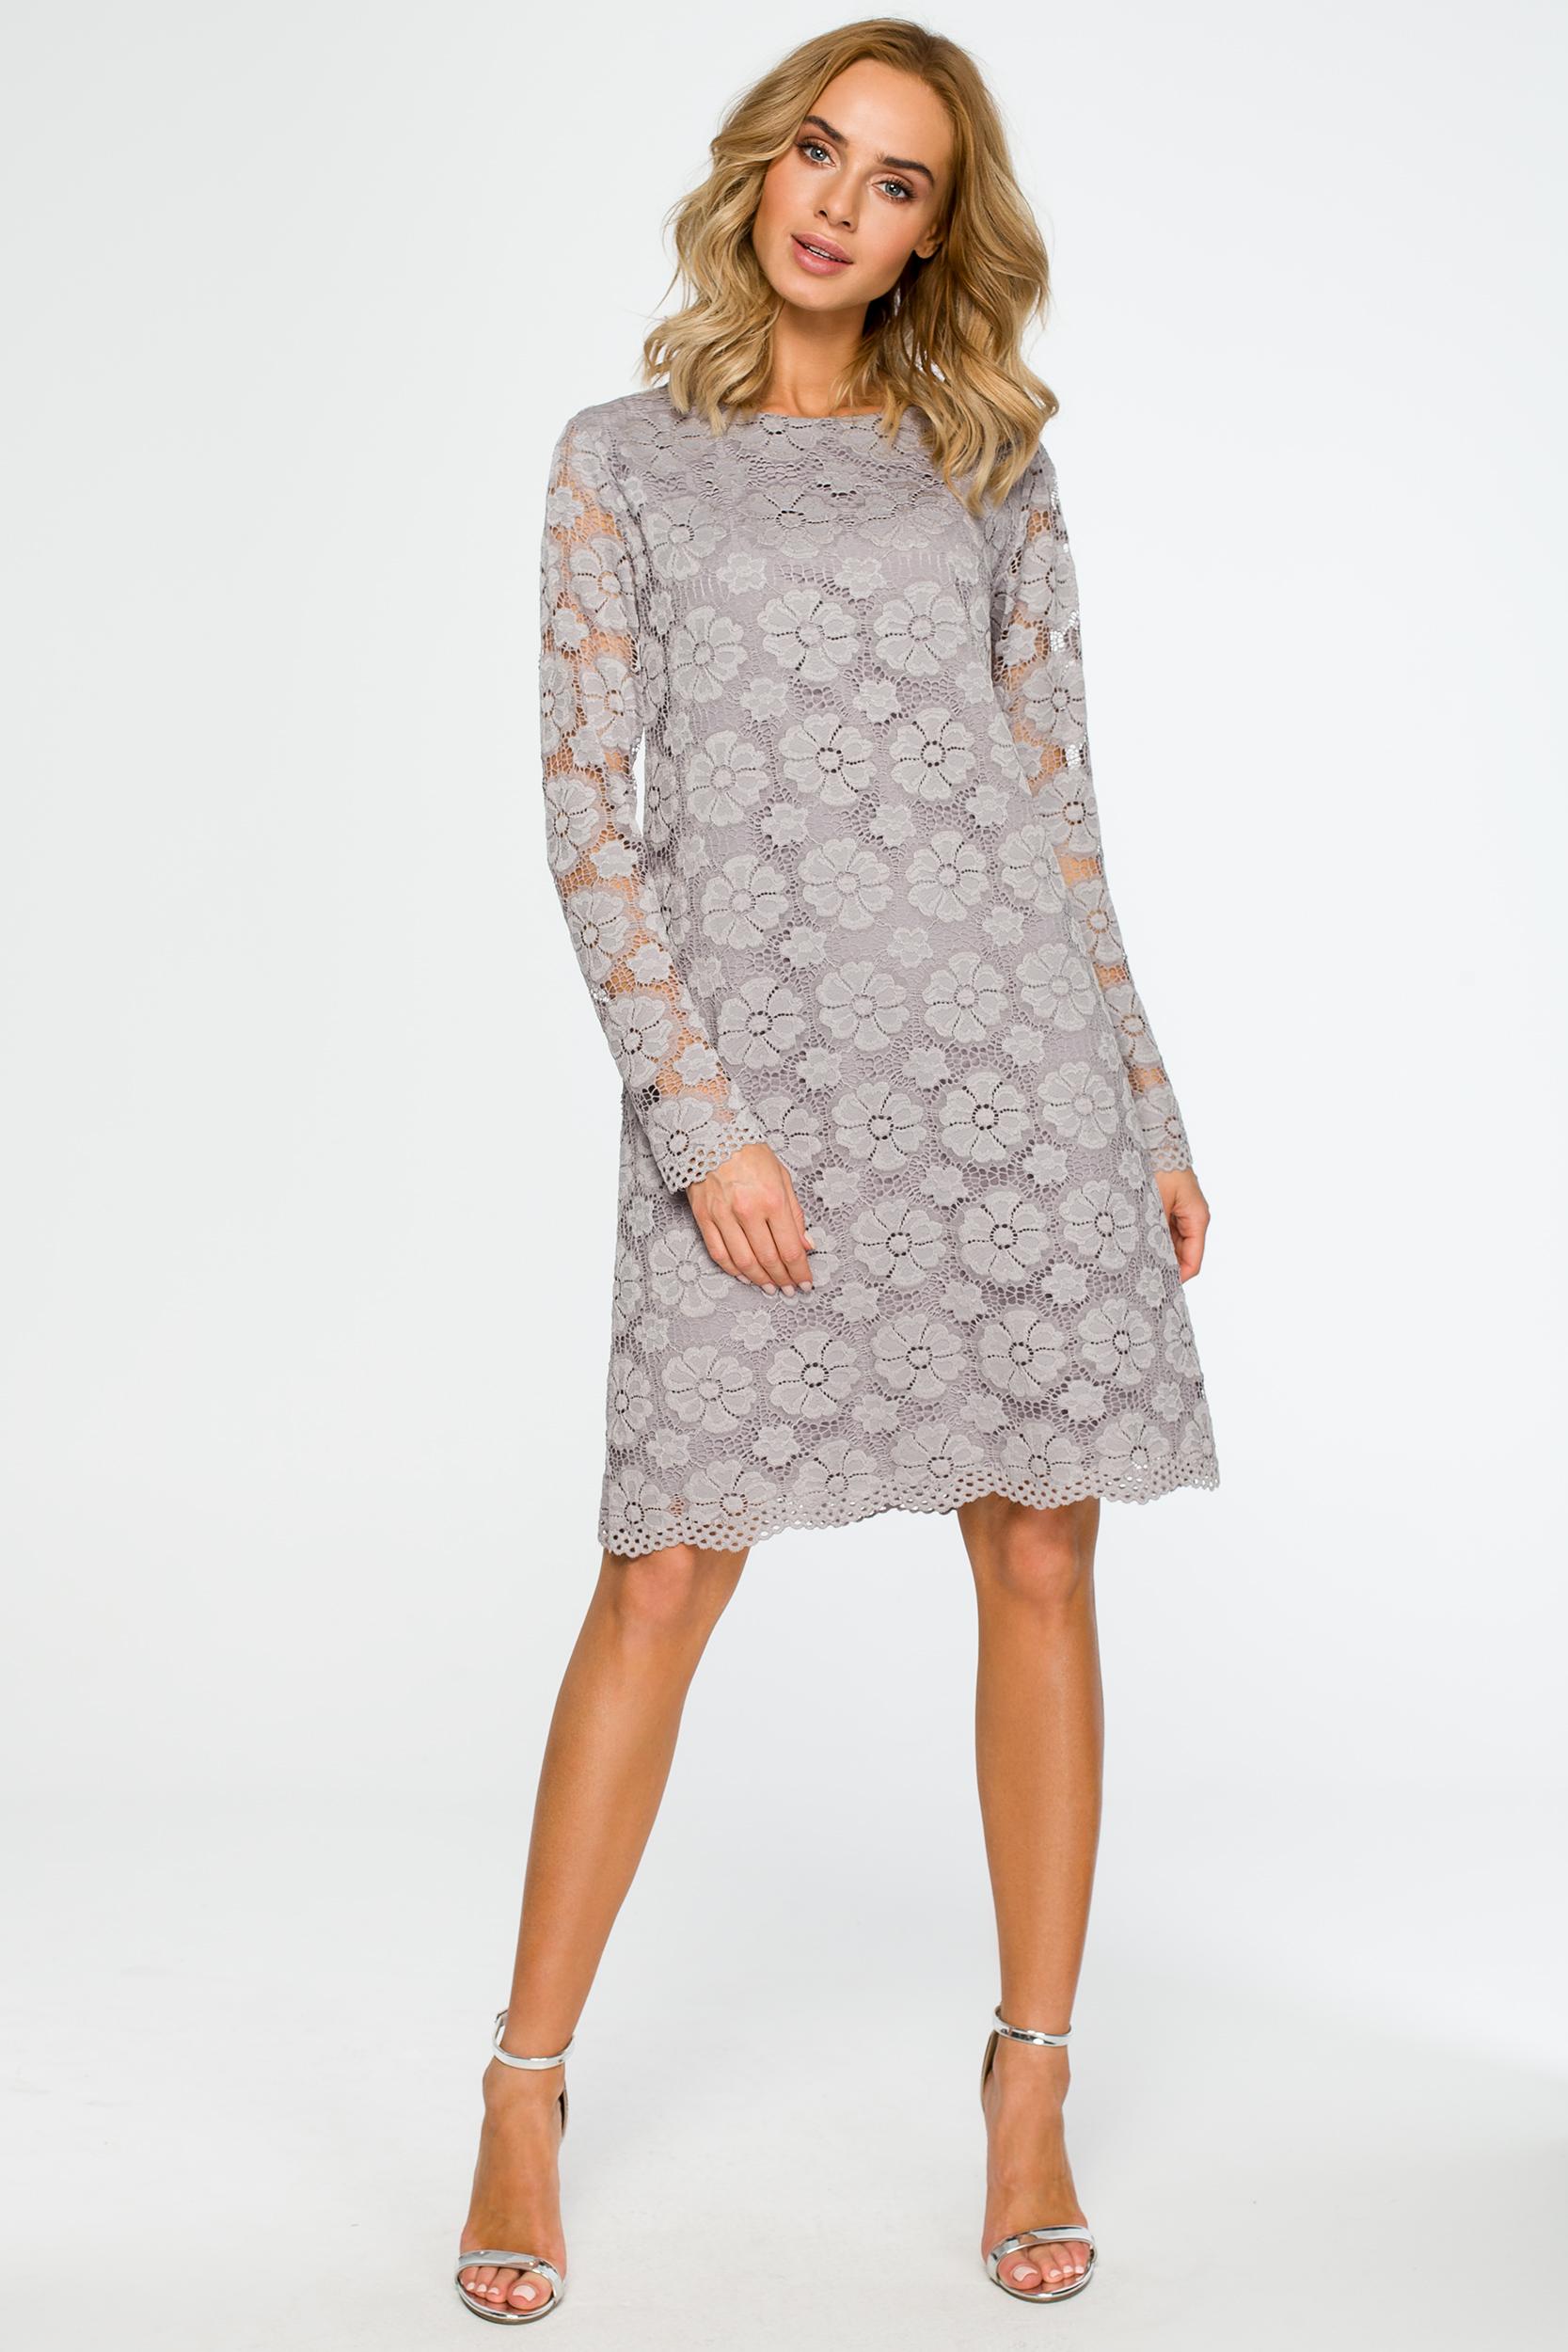 72b76fa906 Trapezowa sukienka z koronki przed kolano szara - wysyłka już od 5